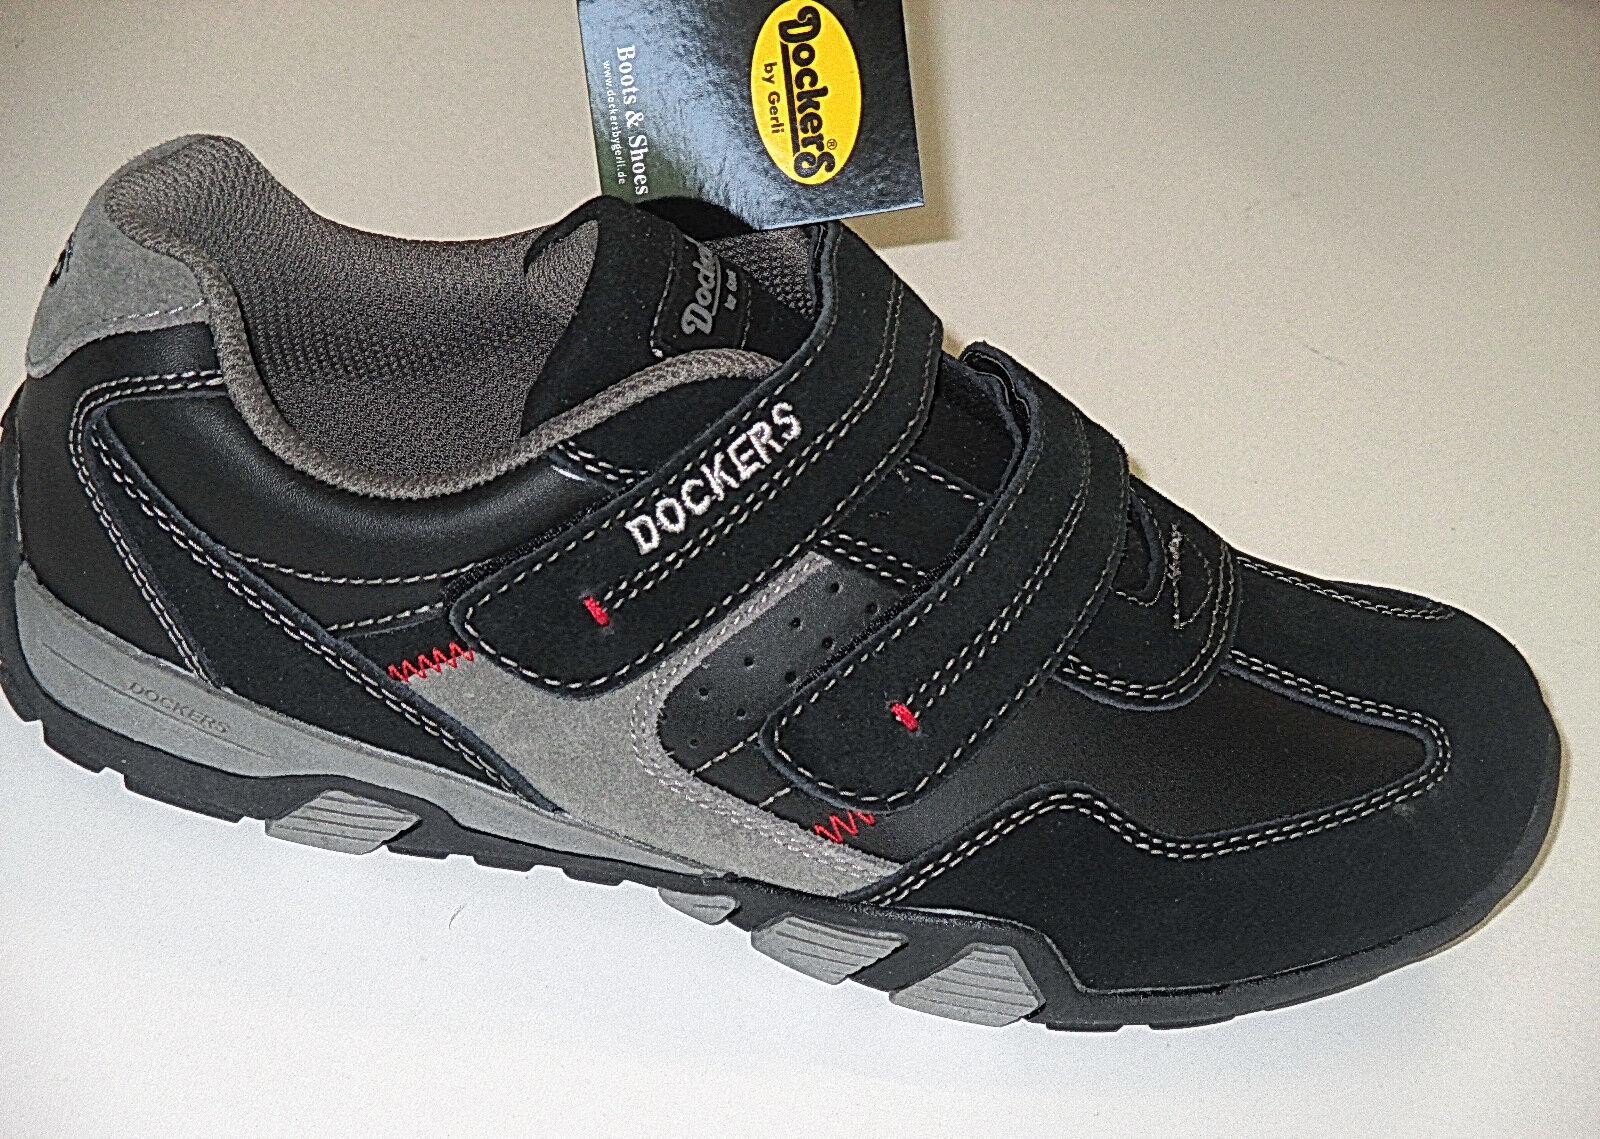 Dockers  Schuhe Herren Schuhe Schnürschuhe, mit Kletteverschluss, Gr.40-47 NEU     |  | Lebhaft  | Wirtschaftlich und praktisch